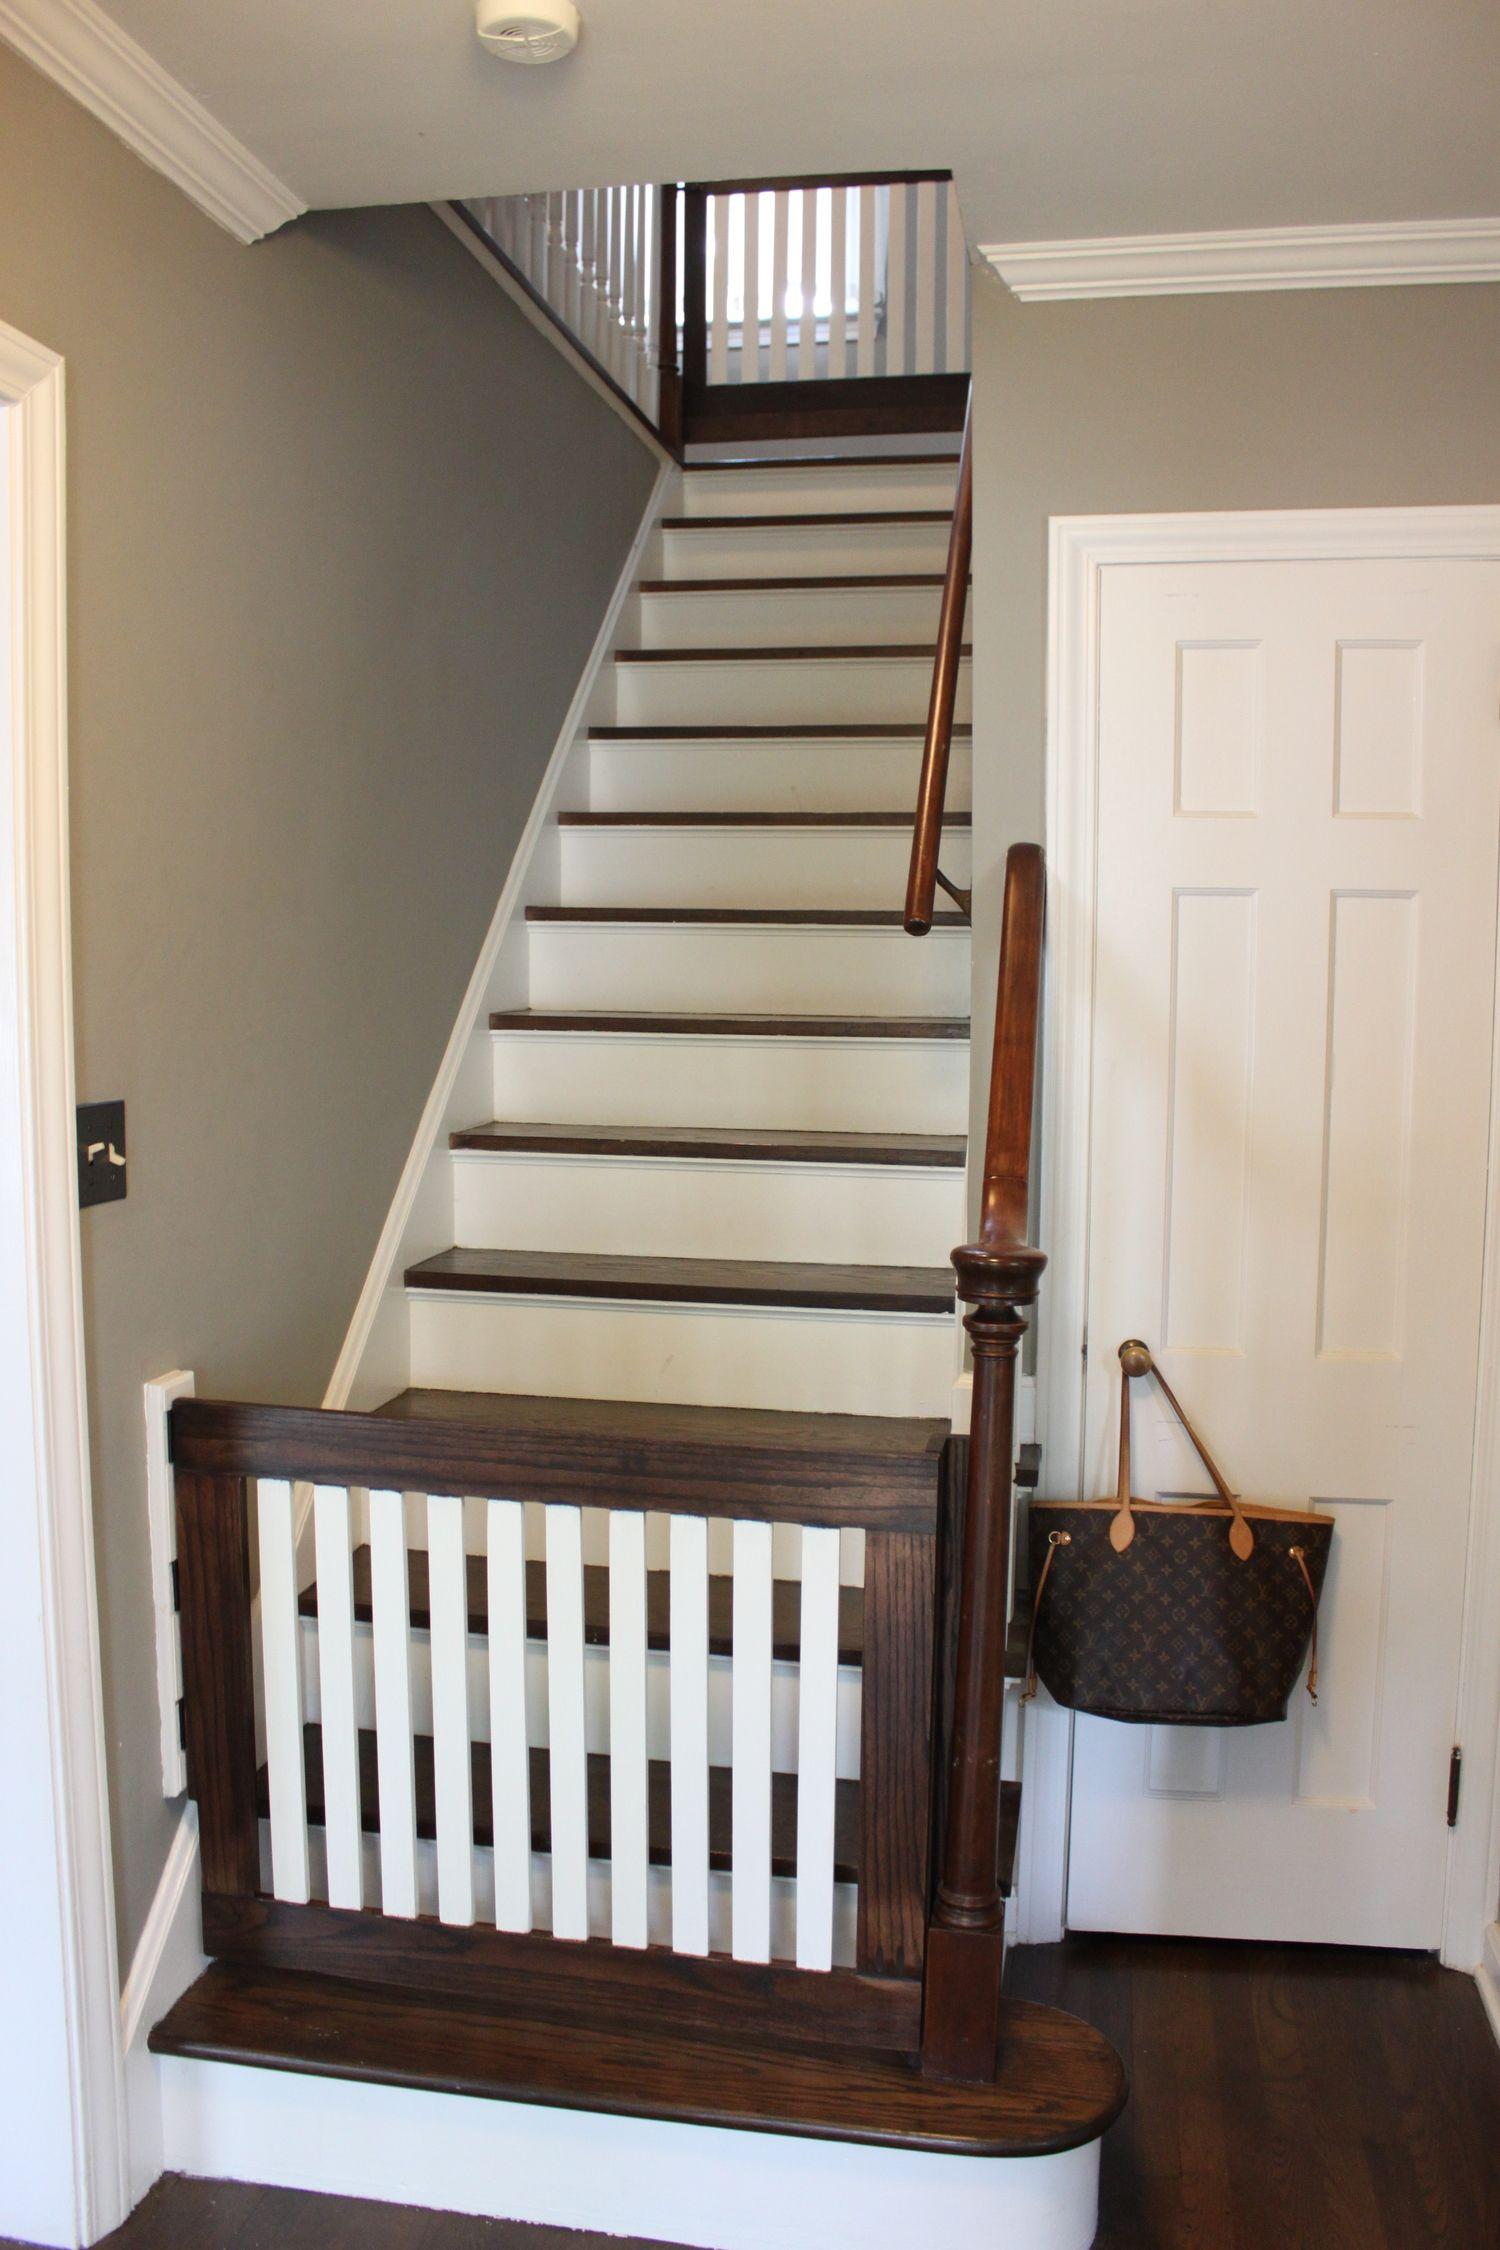 19 Ideas De Protección Para Escalera Escalera Puertas De Escaleras Para Bebé Disenos De Unas